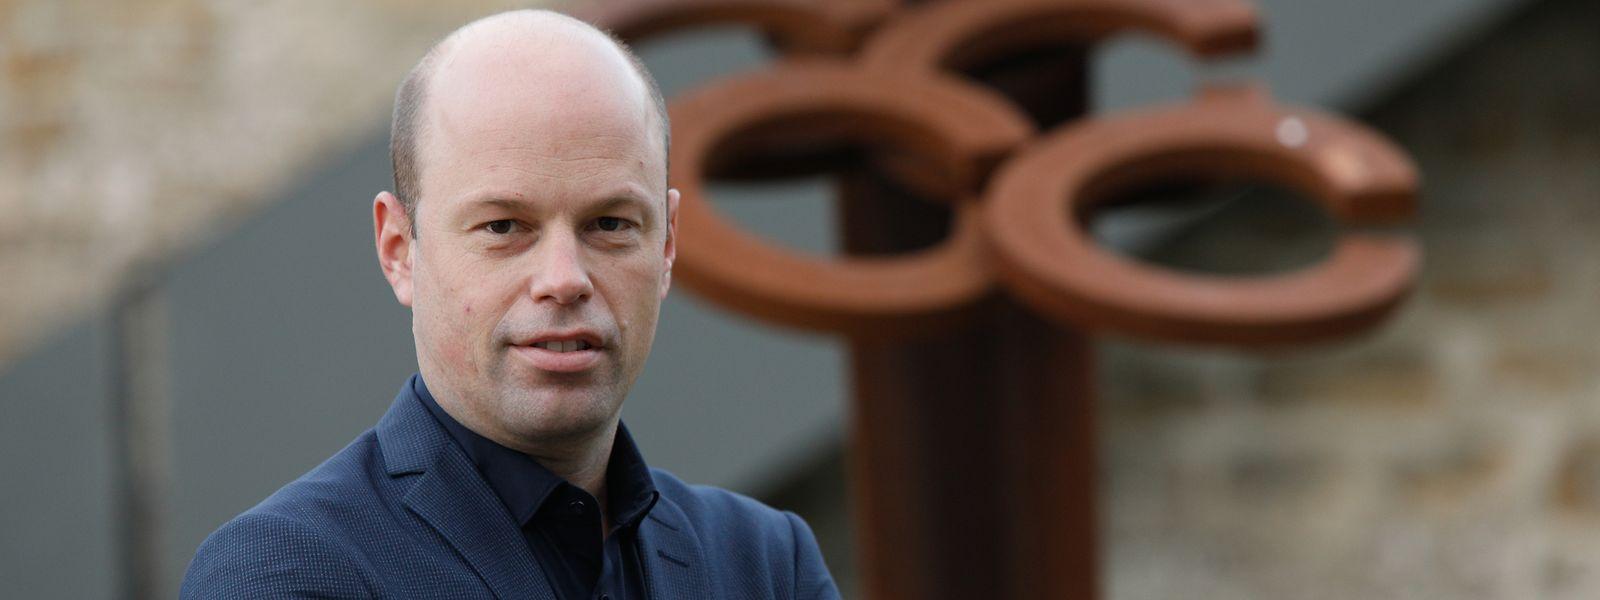 Pascal Schaul ist seit dem 1. November neuer Sportlycée-Direktor.